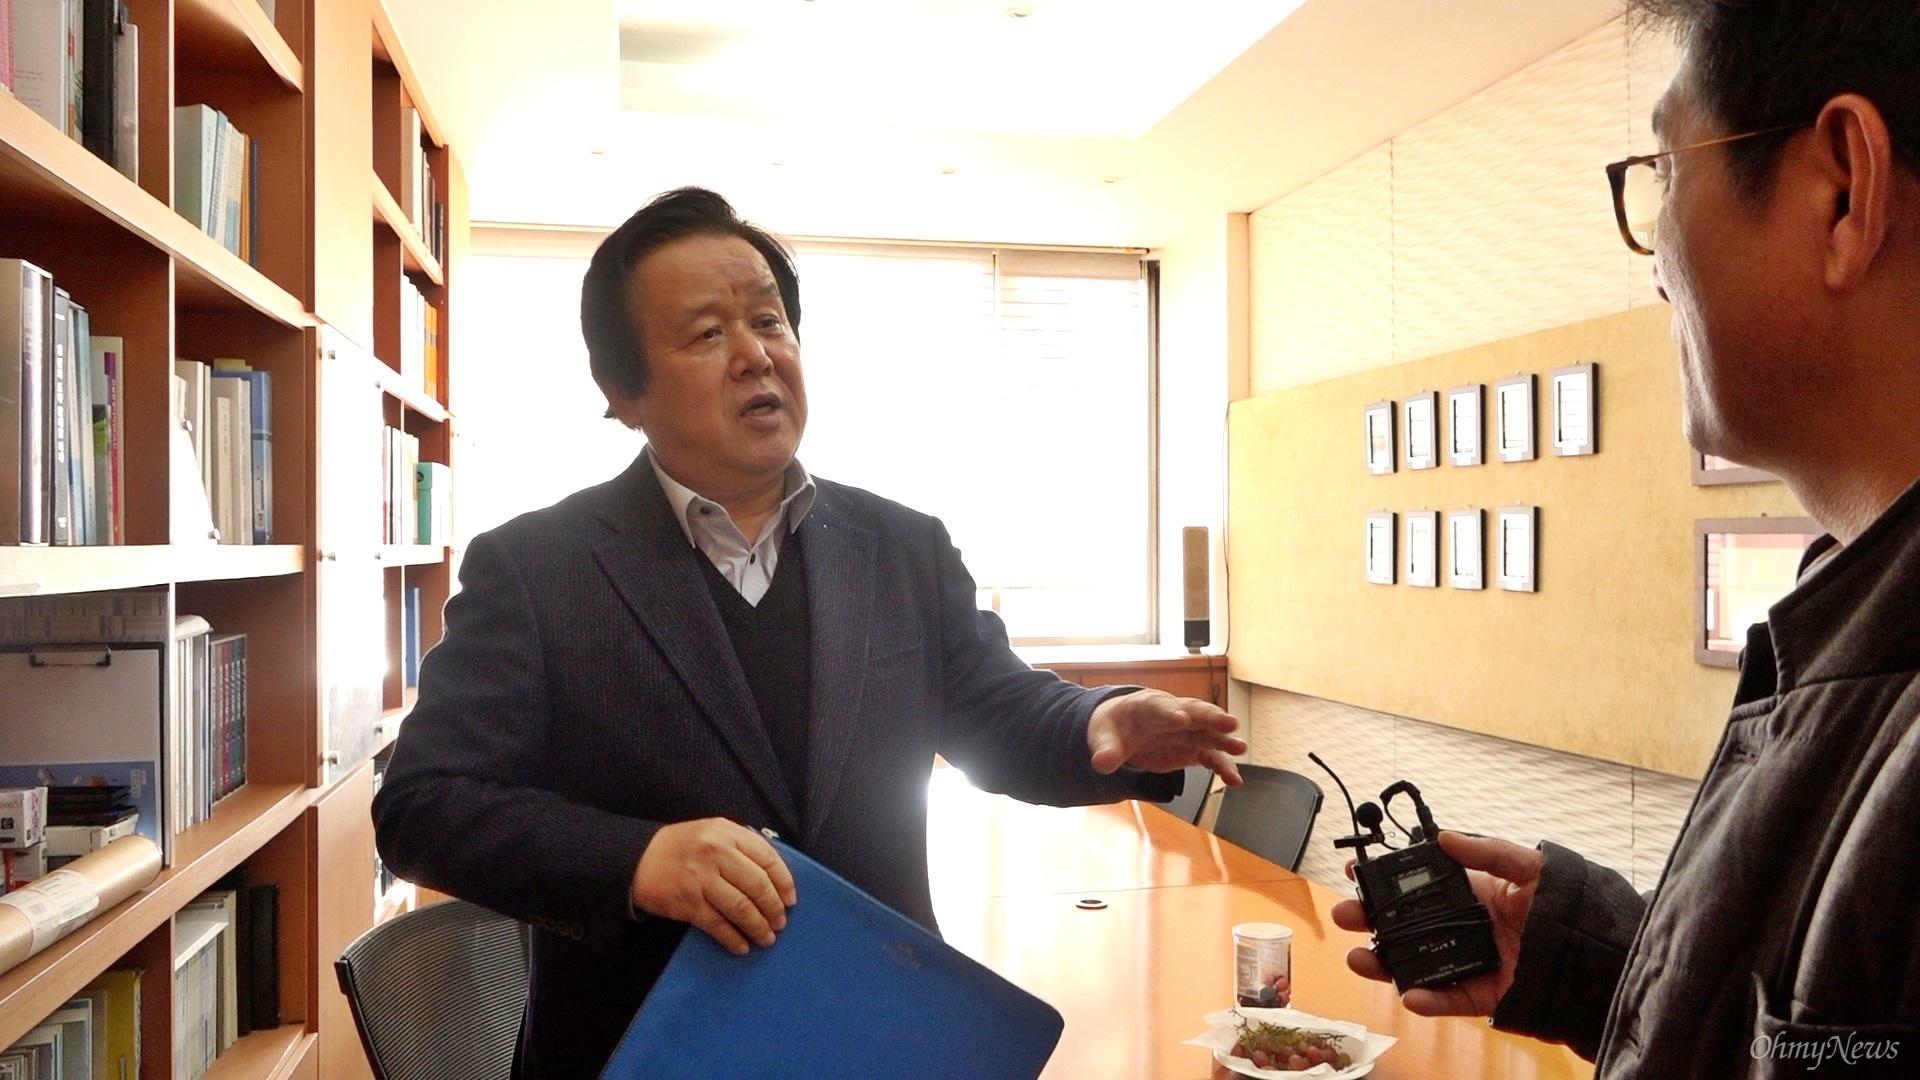 4대강 다큐 제작팀이 심명필 전 4대강 사업 추진본부장(인하대 명예교수)을 만났다.